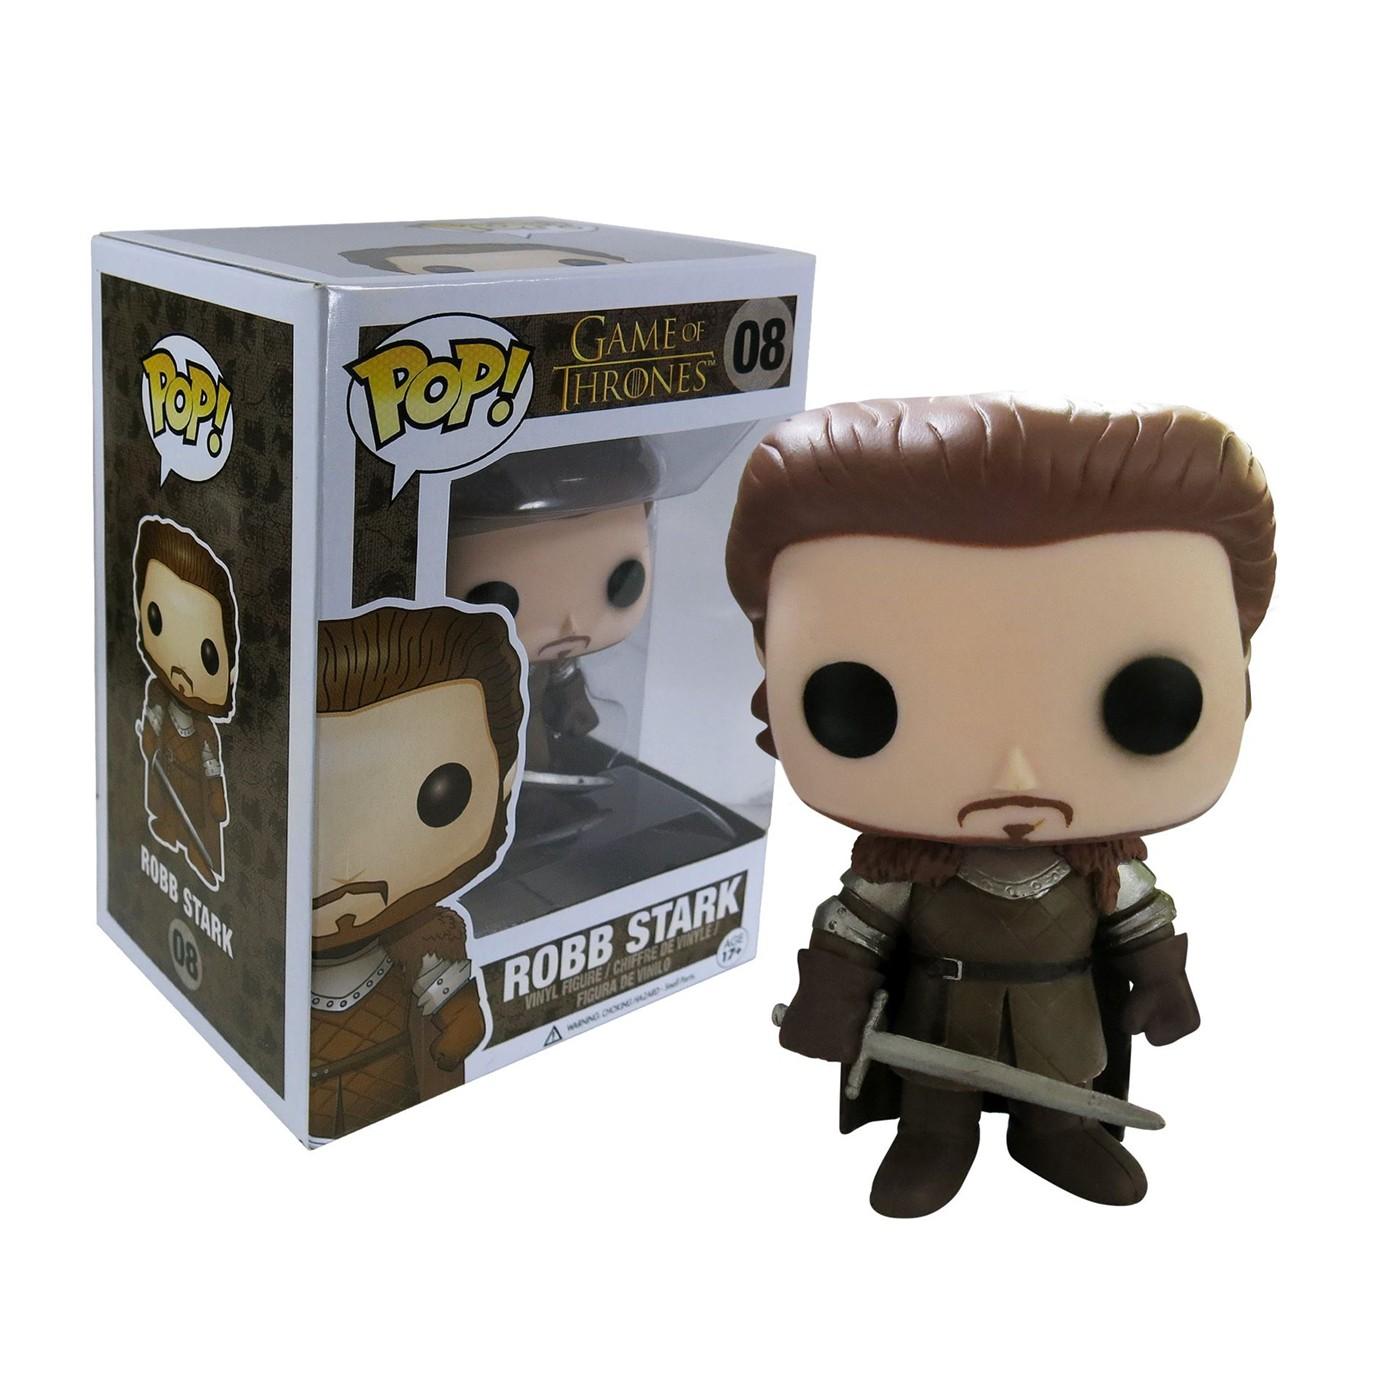 Game of Thrones Robb Stark Pop Vinyl Figure